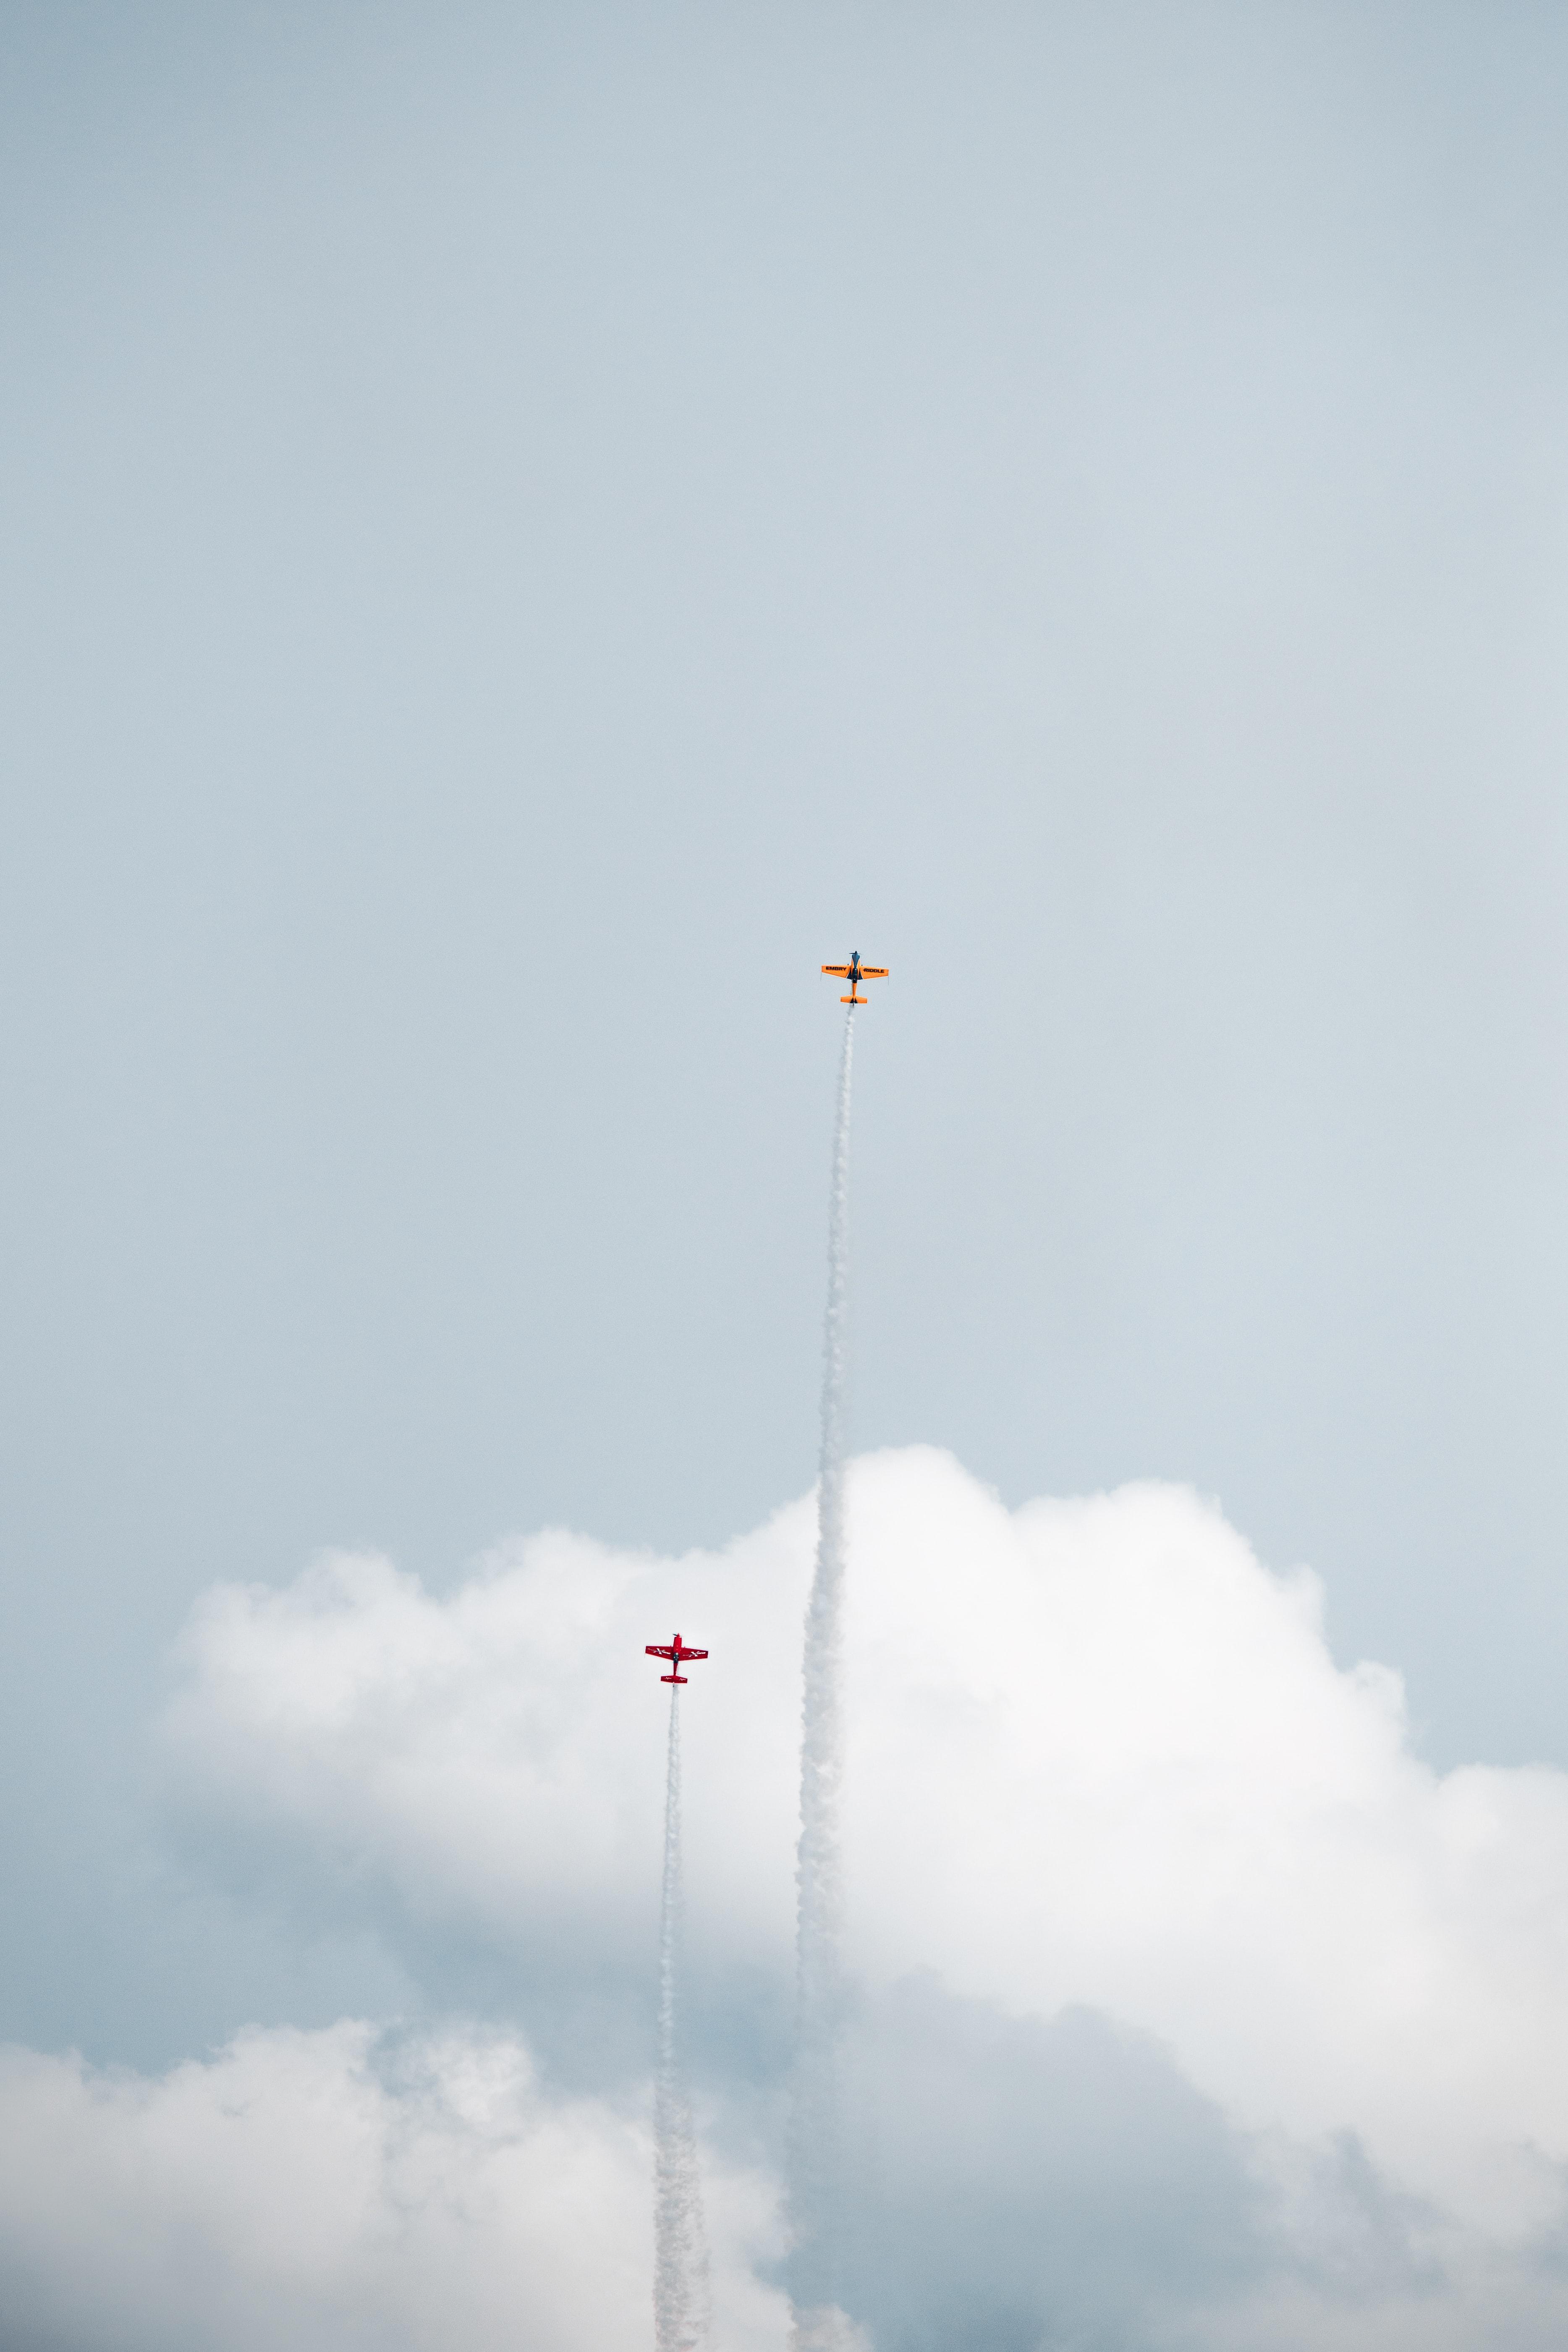 155136 скачать обои Разное, След, Небо, Облака, Полет, Самолеты - заставки и картинки бесплатно